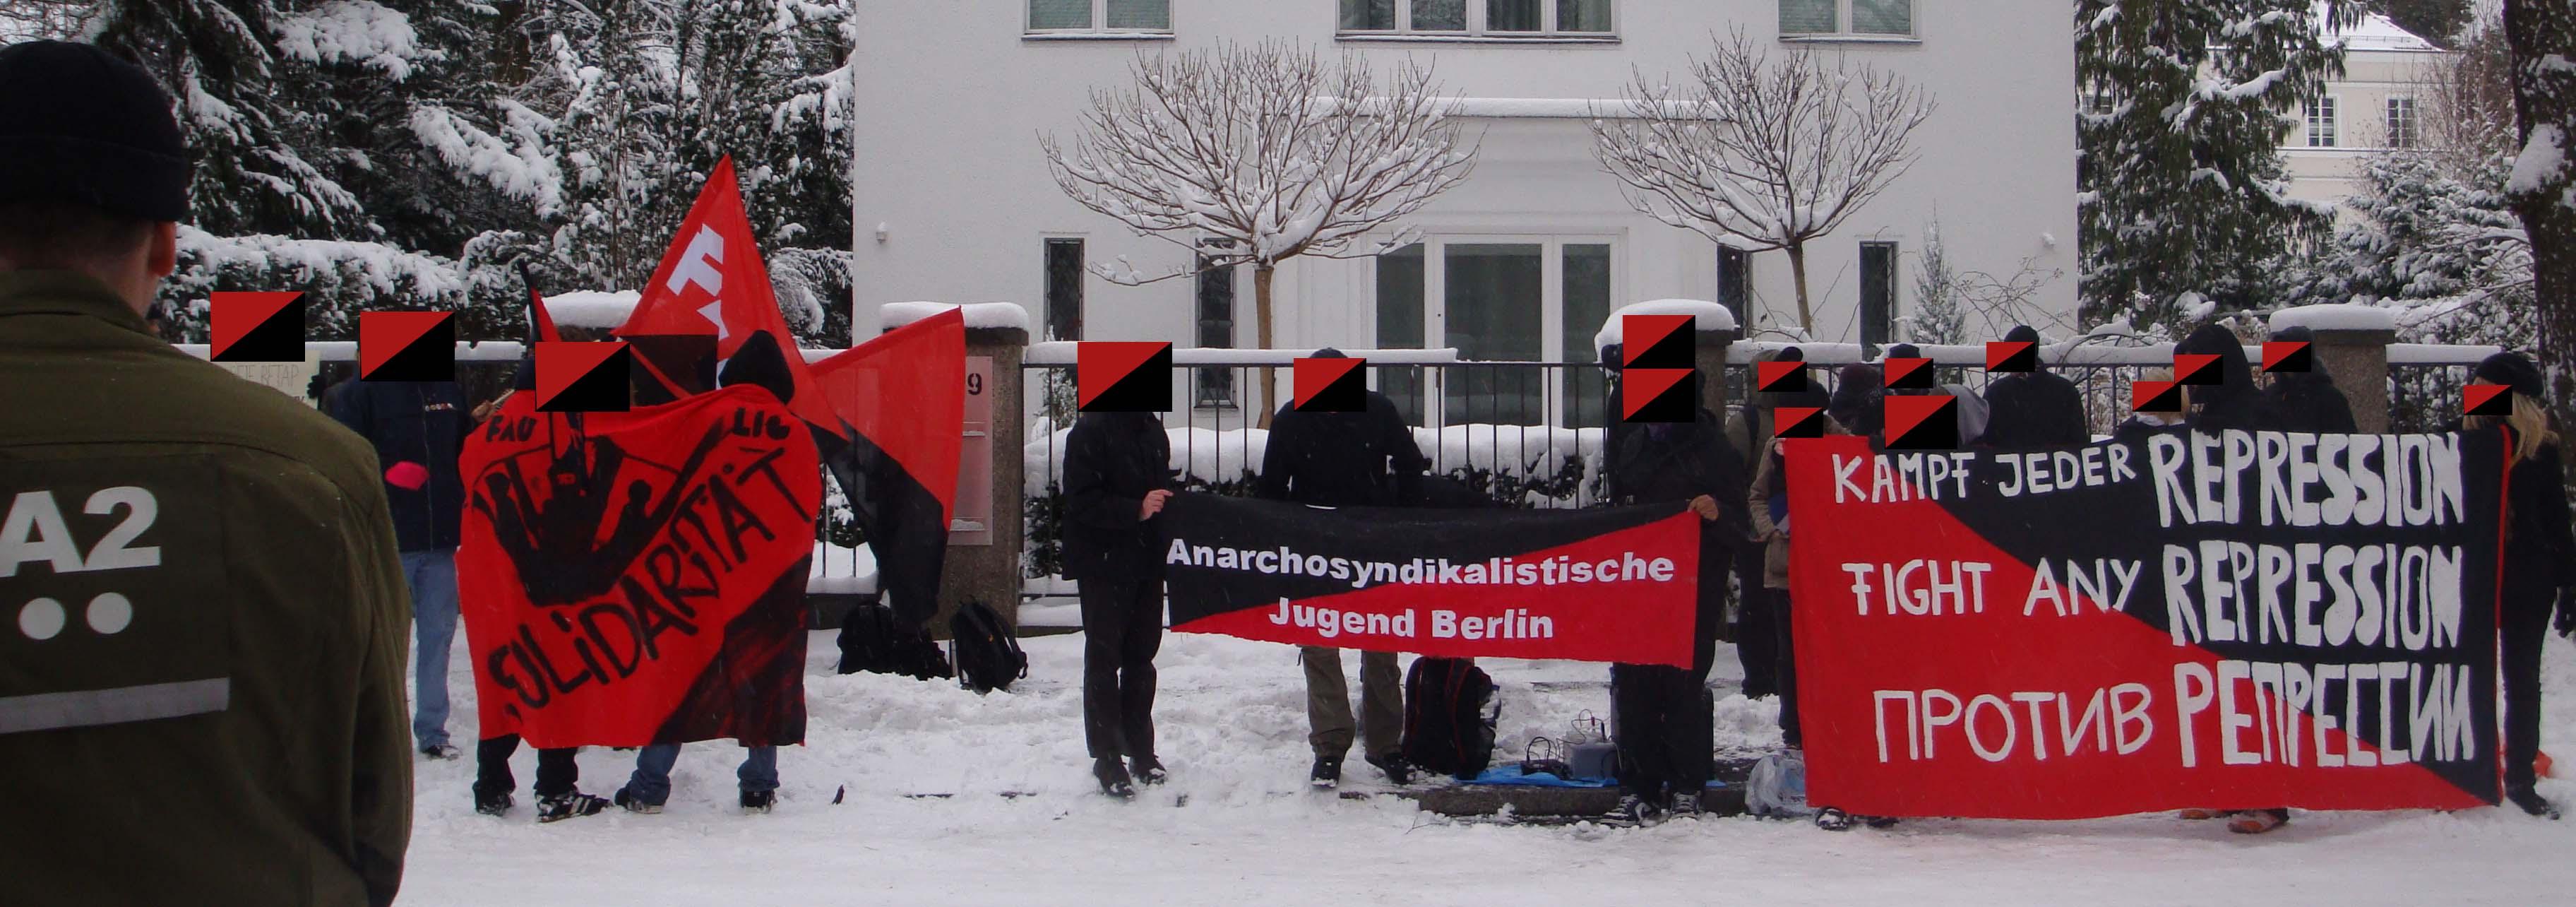 Kundgebung 31.12.2009_Vor der botschaft